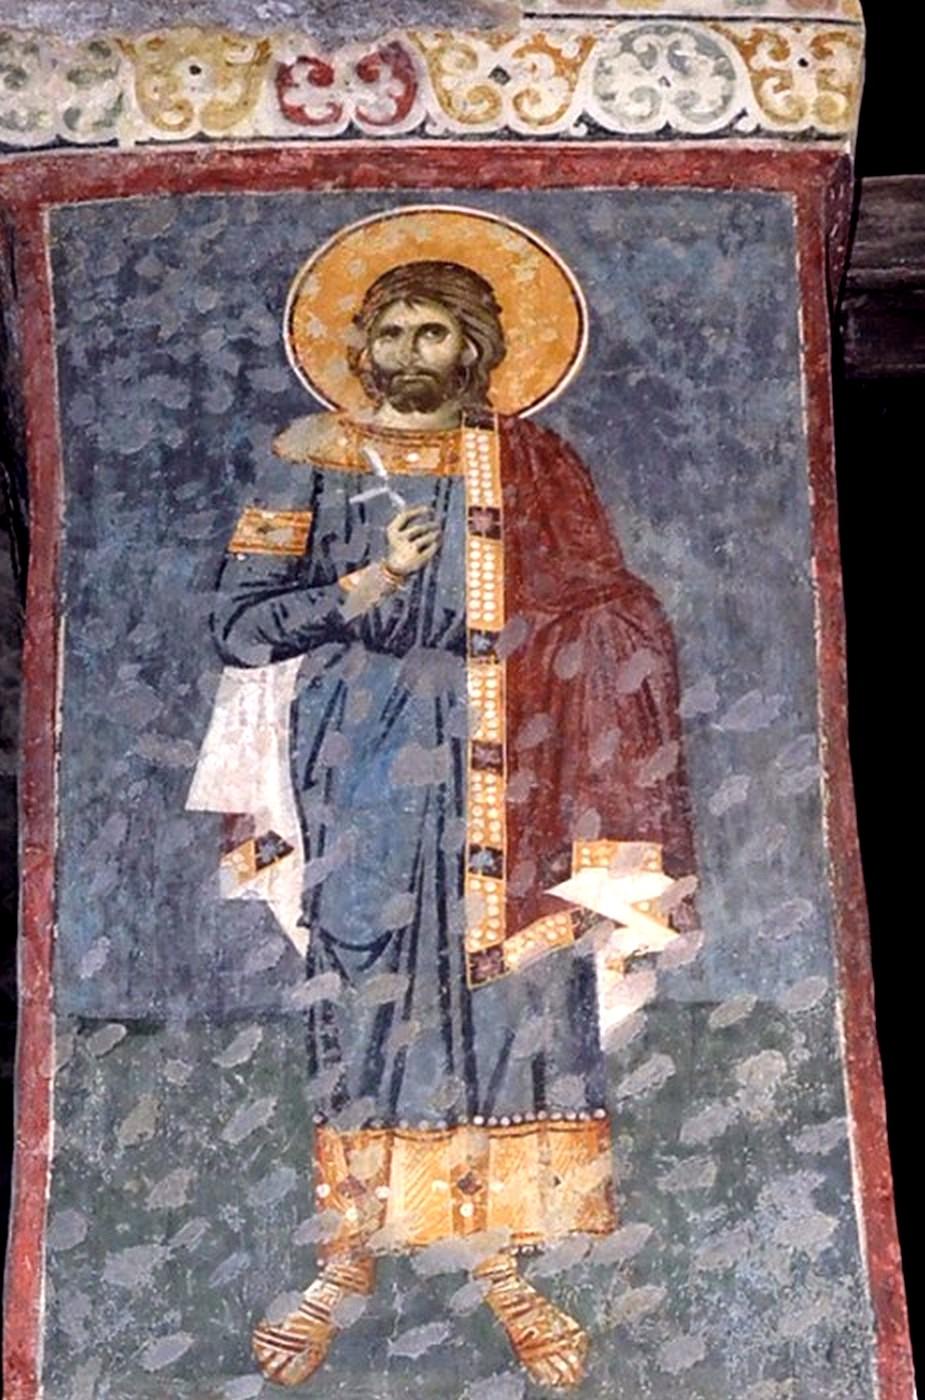 Святой мученик. Фреска церкви Богородицы Левишки в Призрене, Косово, Сербия. 1310 - 1313 годы. Иконописец Михаил Астрапа.